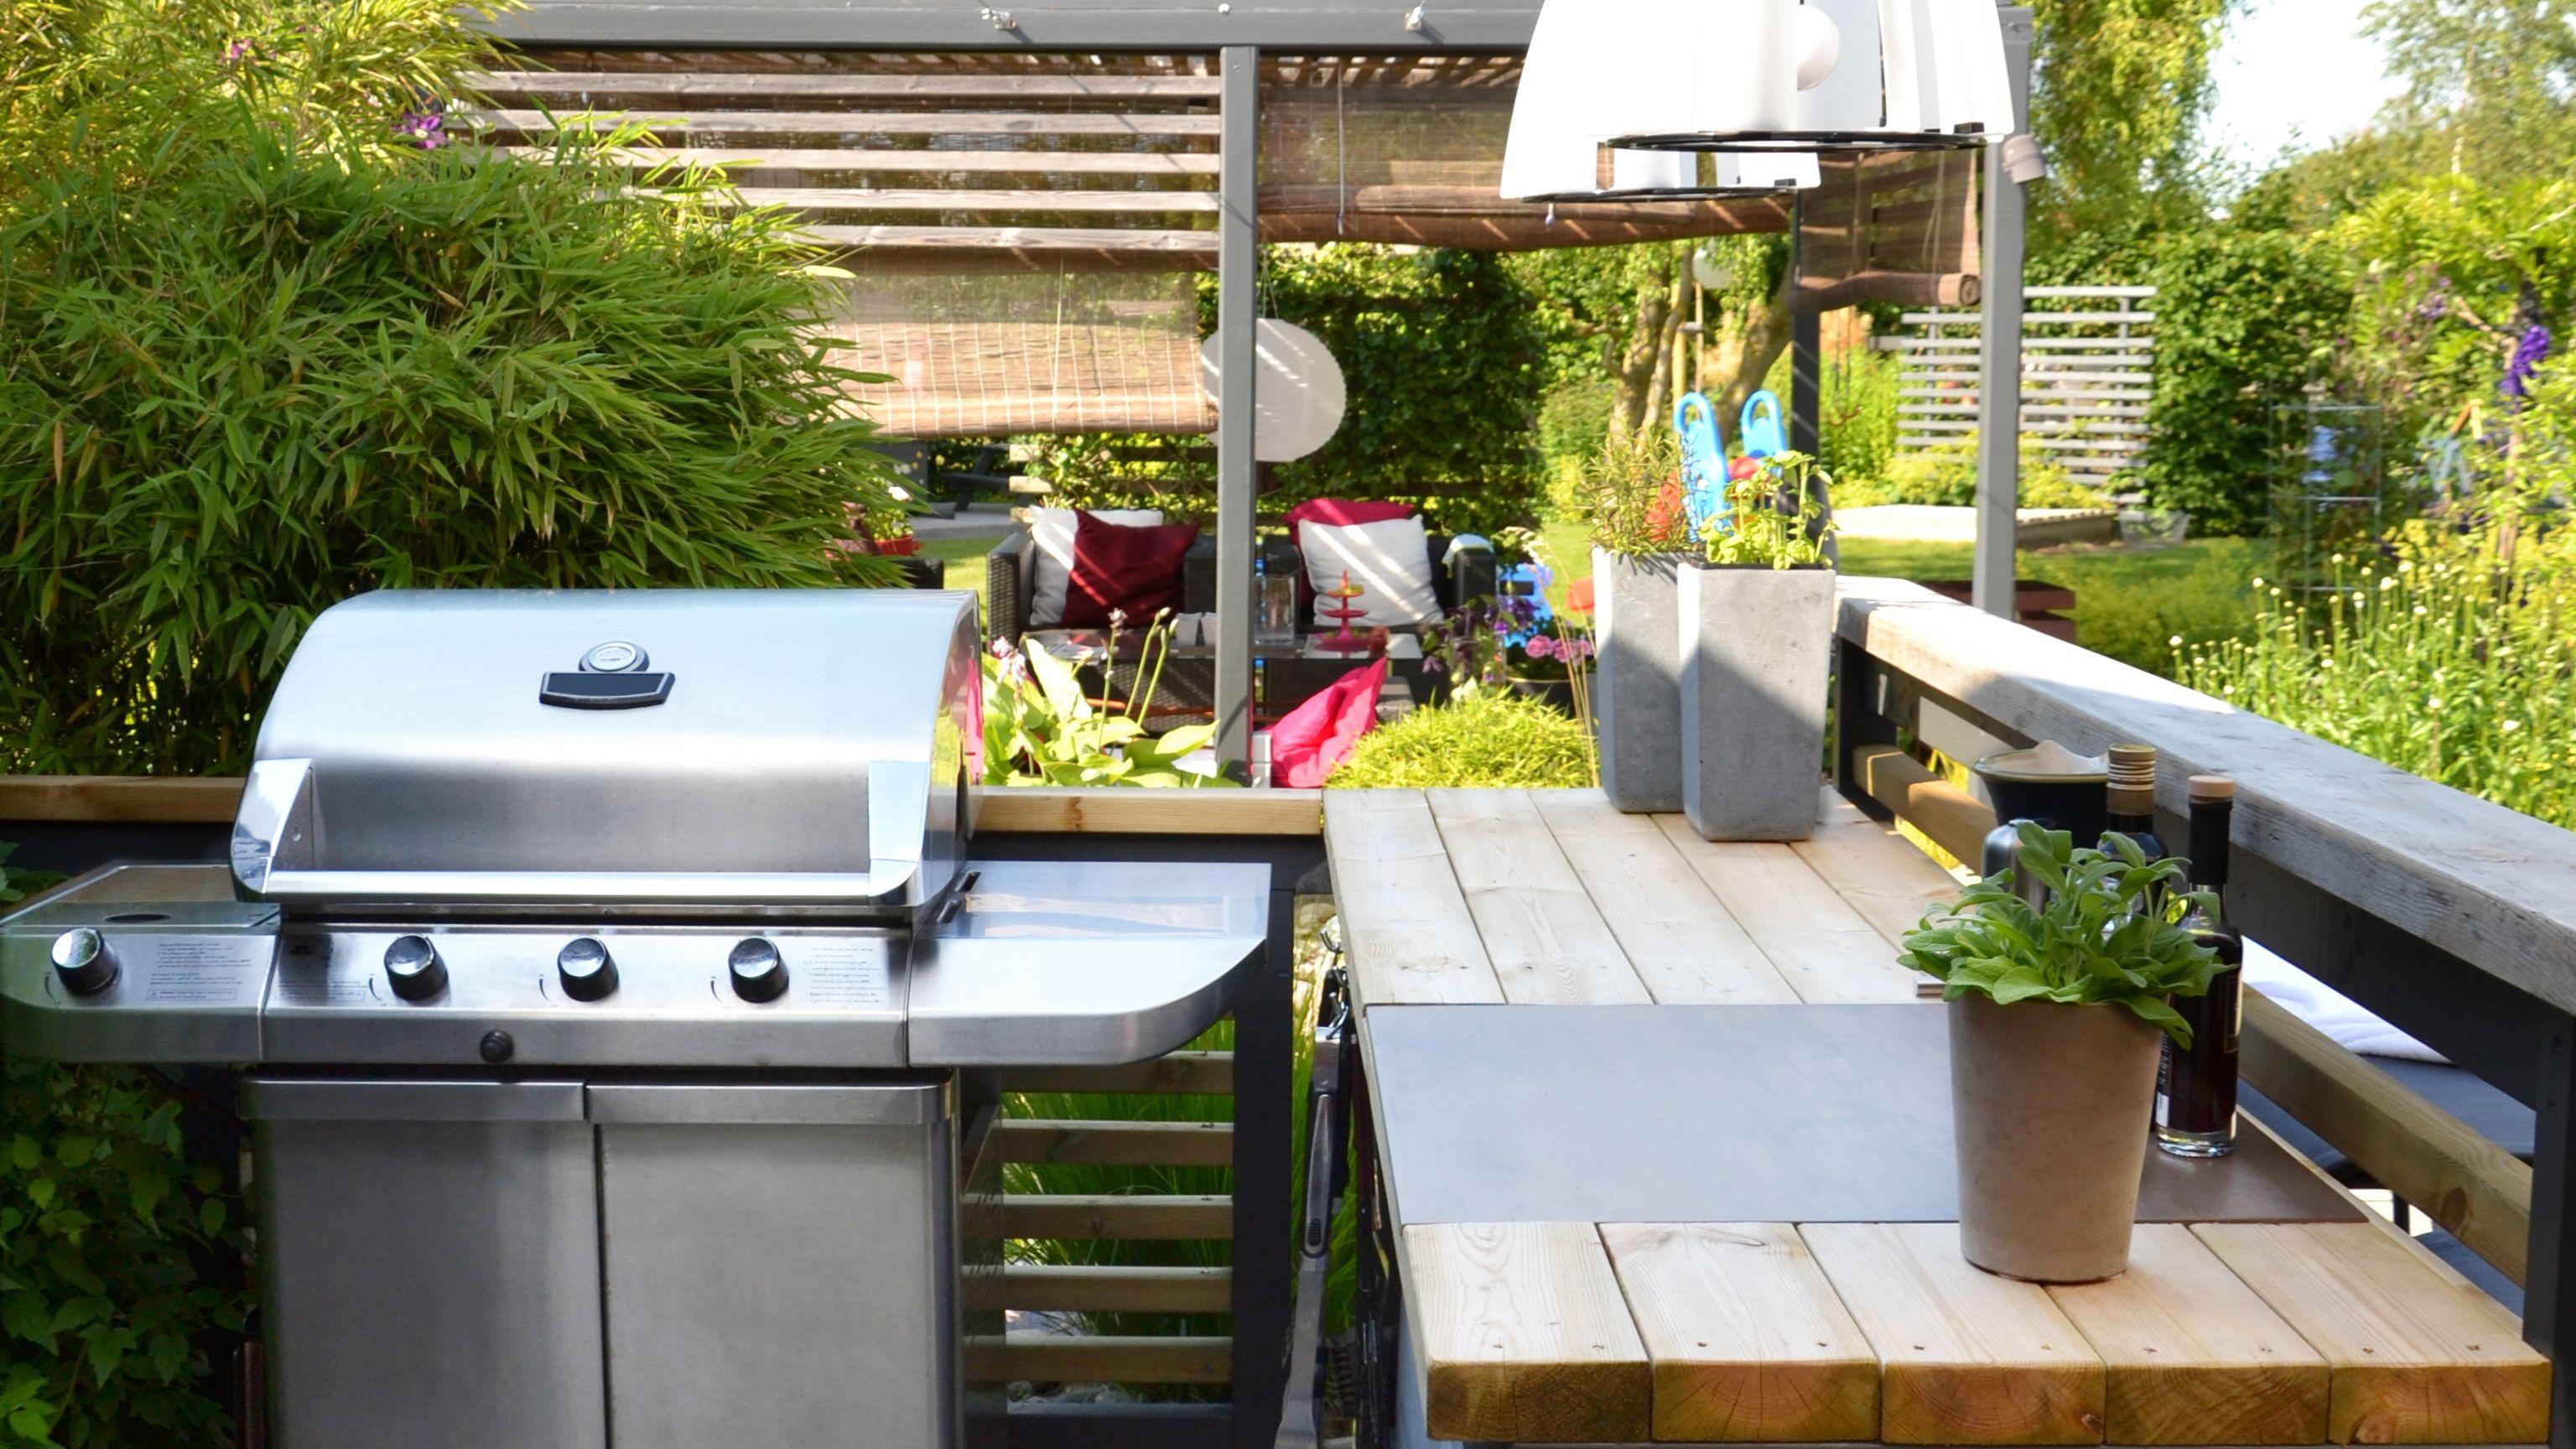 8 Best Diy Outdoor Kitchen Plans